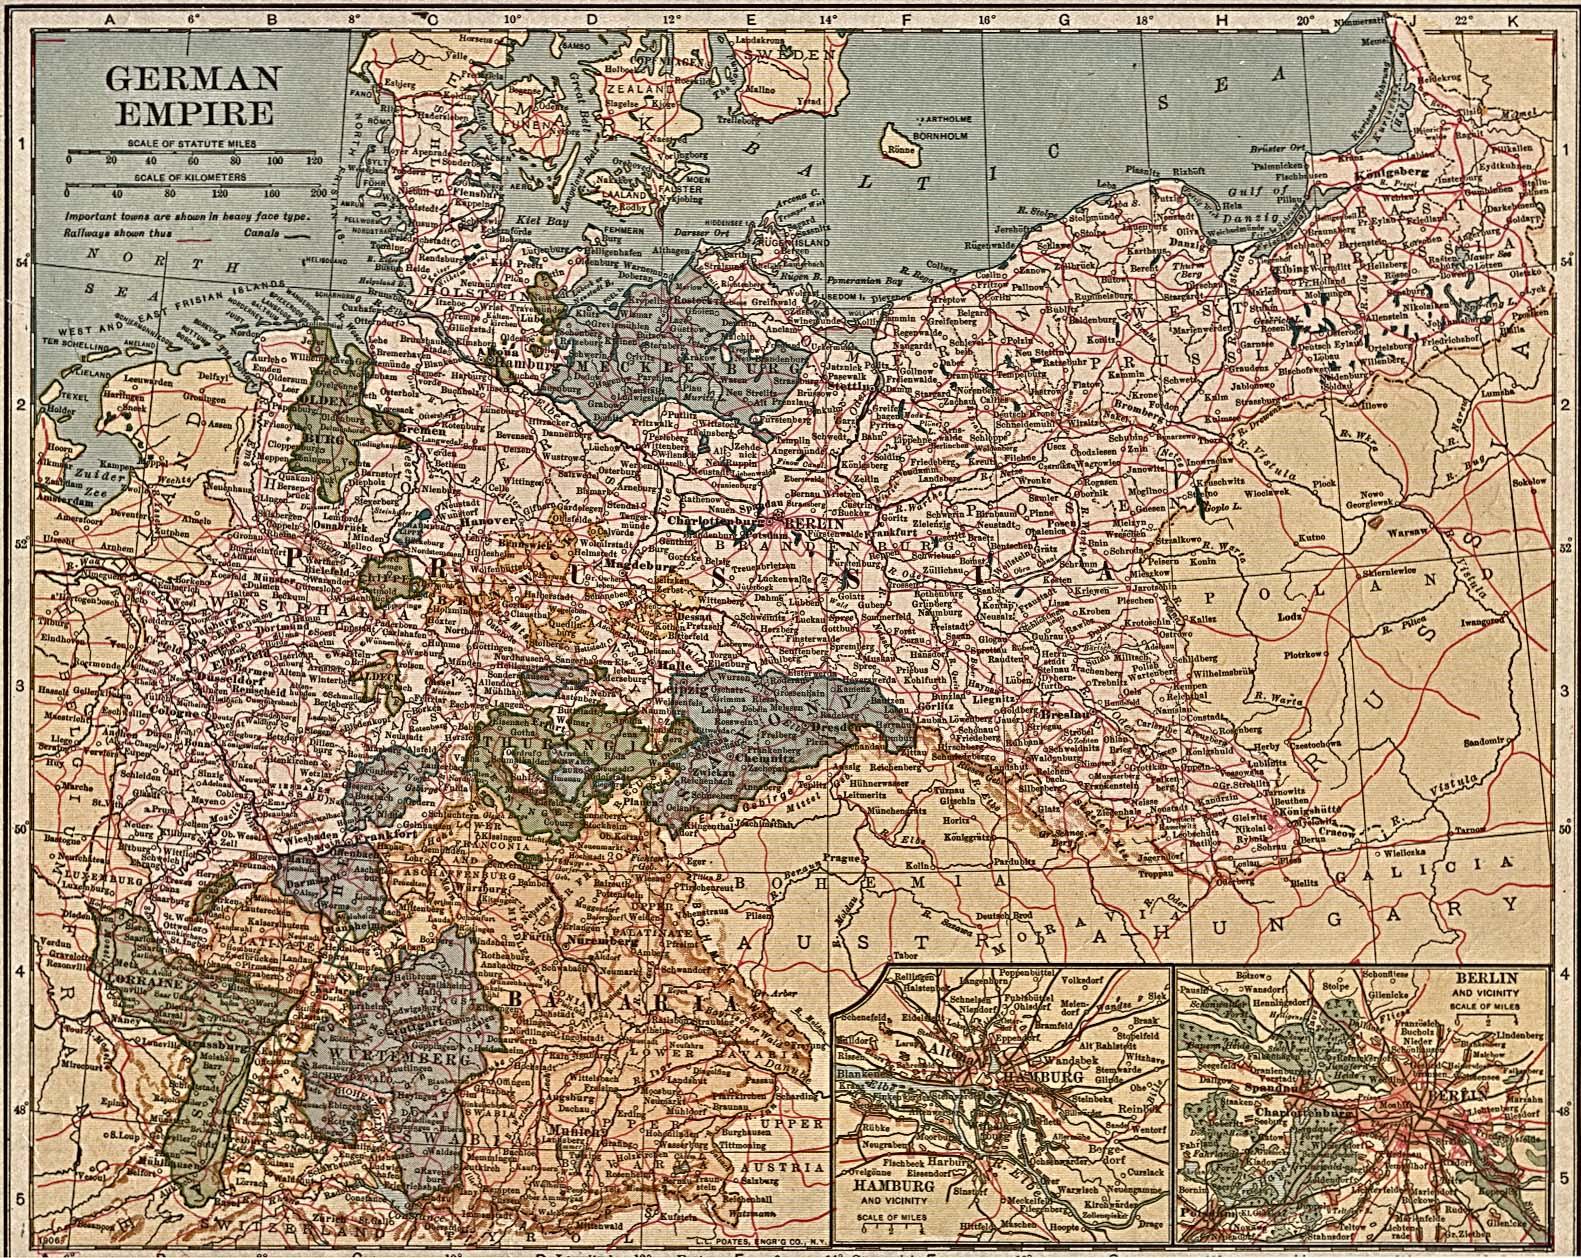 Deutsches Reich Karte.Deutsches Reich Wikipedia